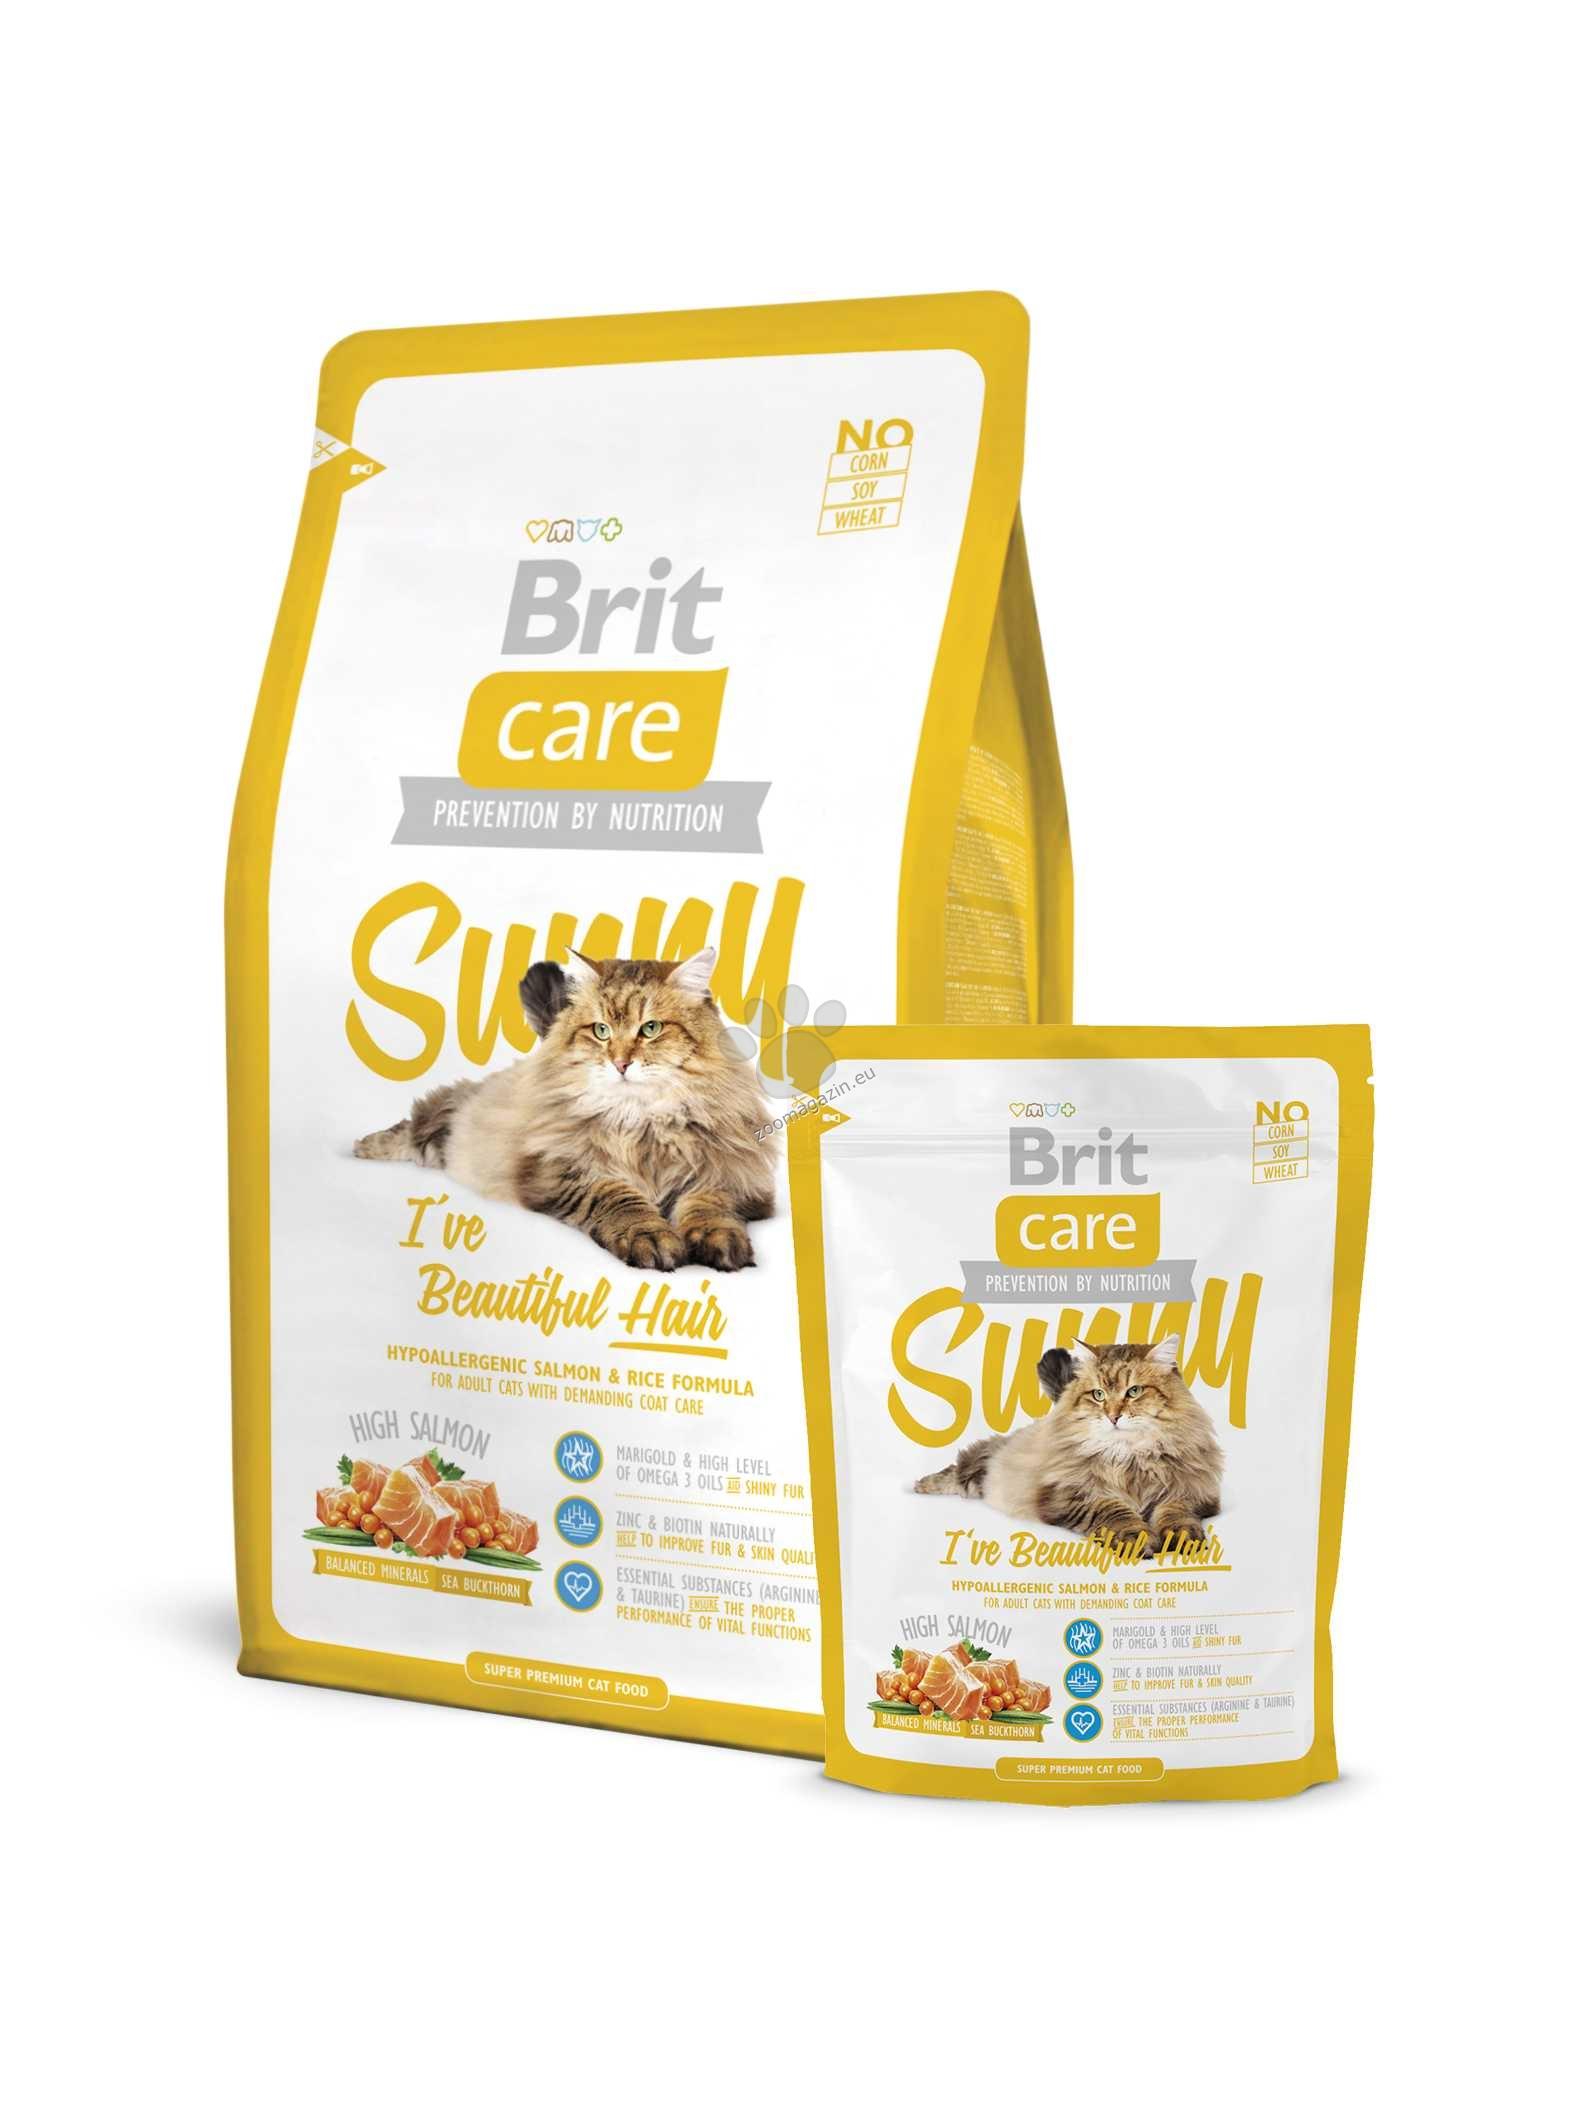 Brit Care Cat Sunny Iive Beautiful Hair - храна със сьомга и ориз, за красива и здрава козина 7 кг.